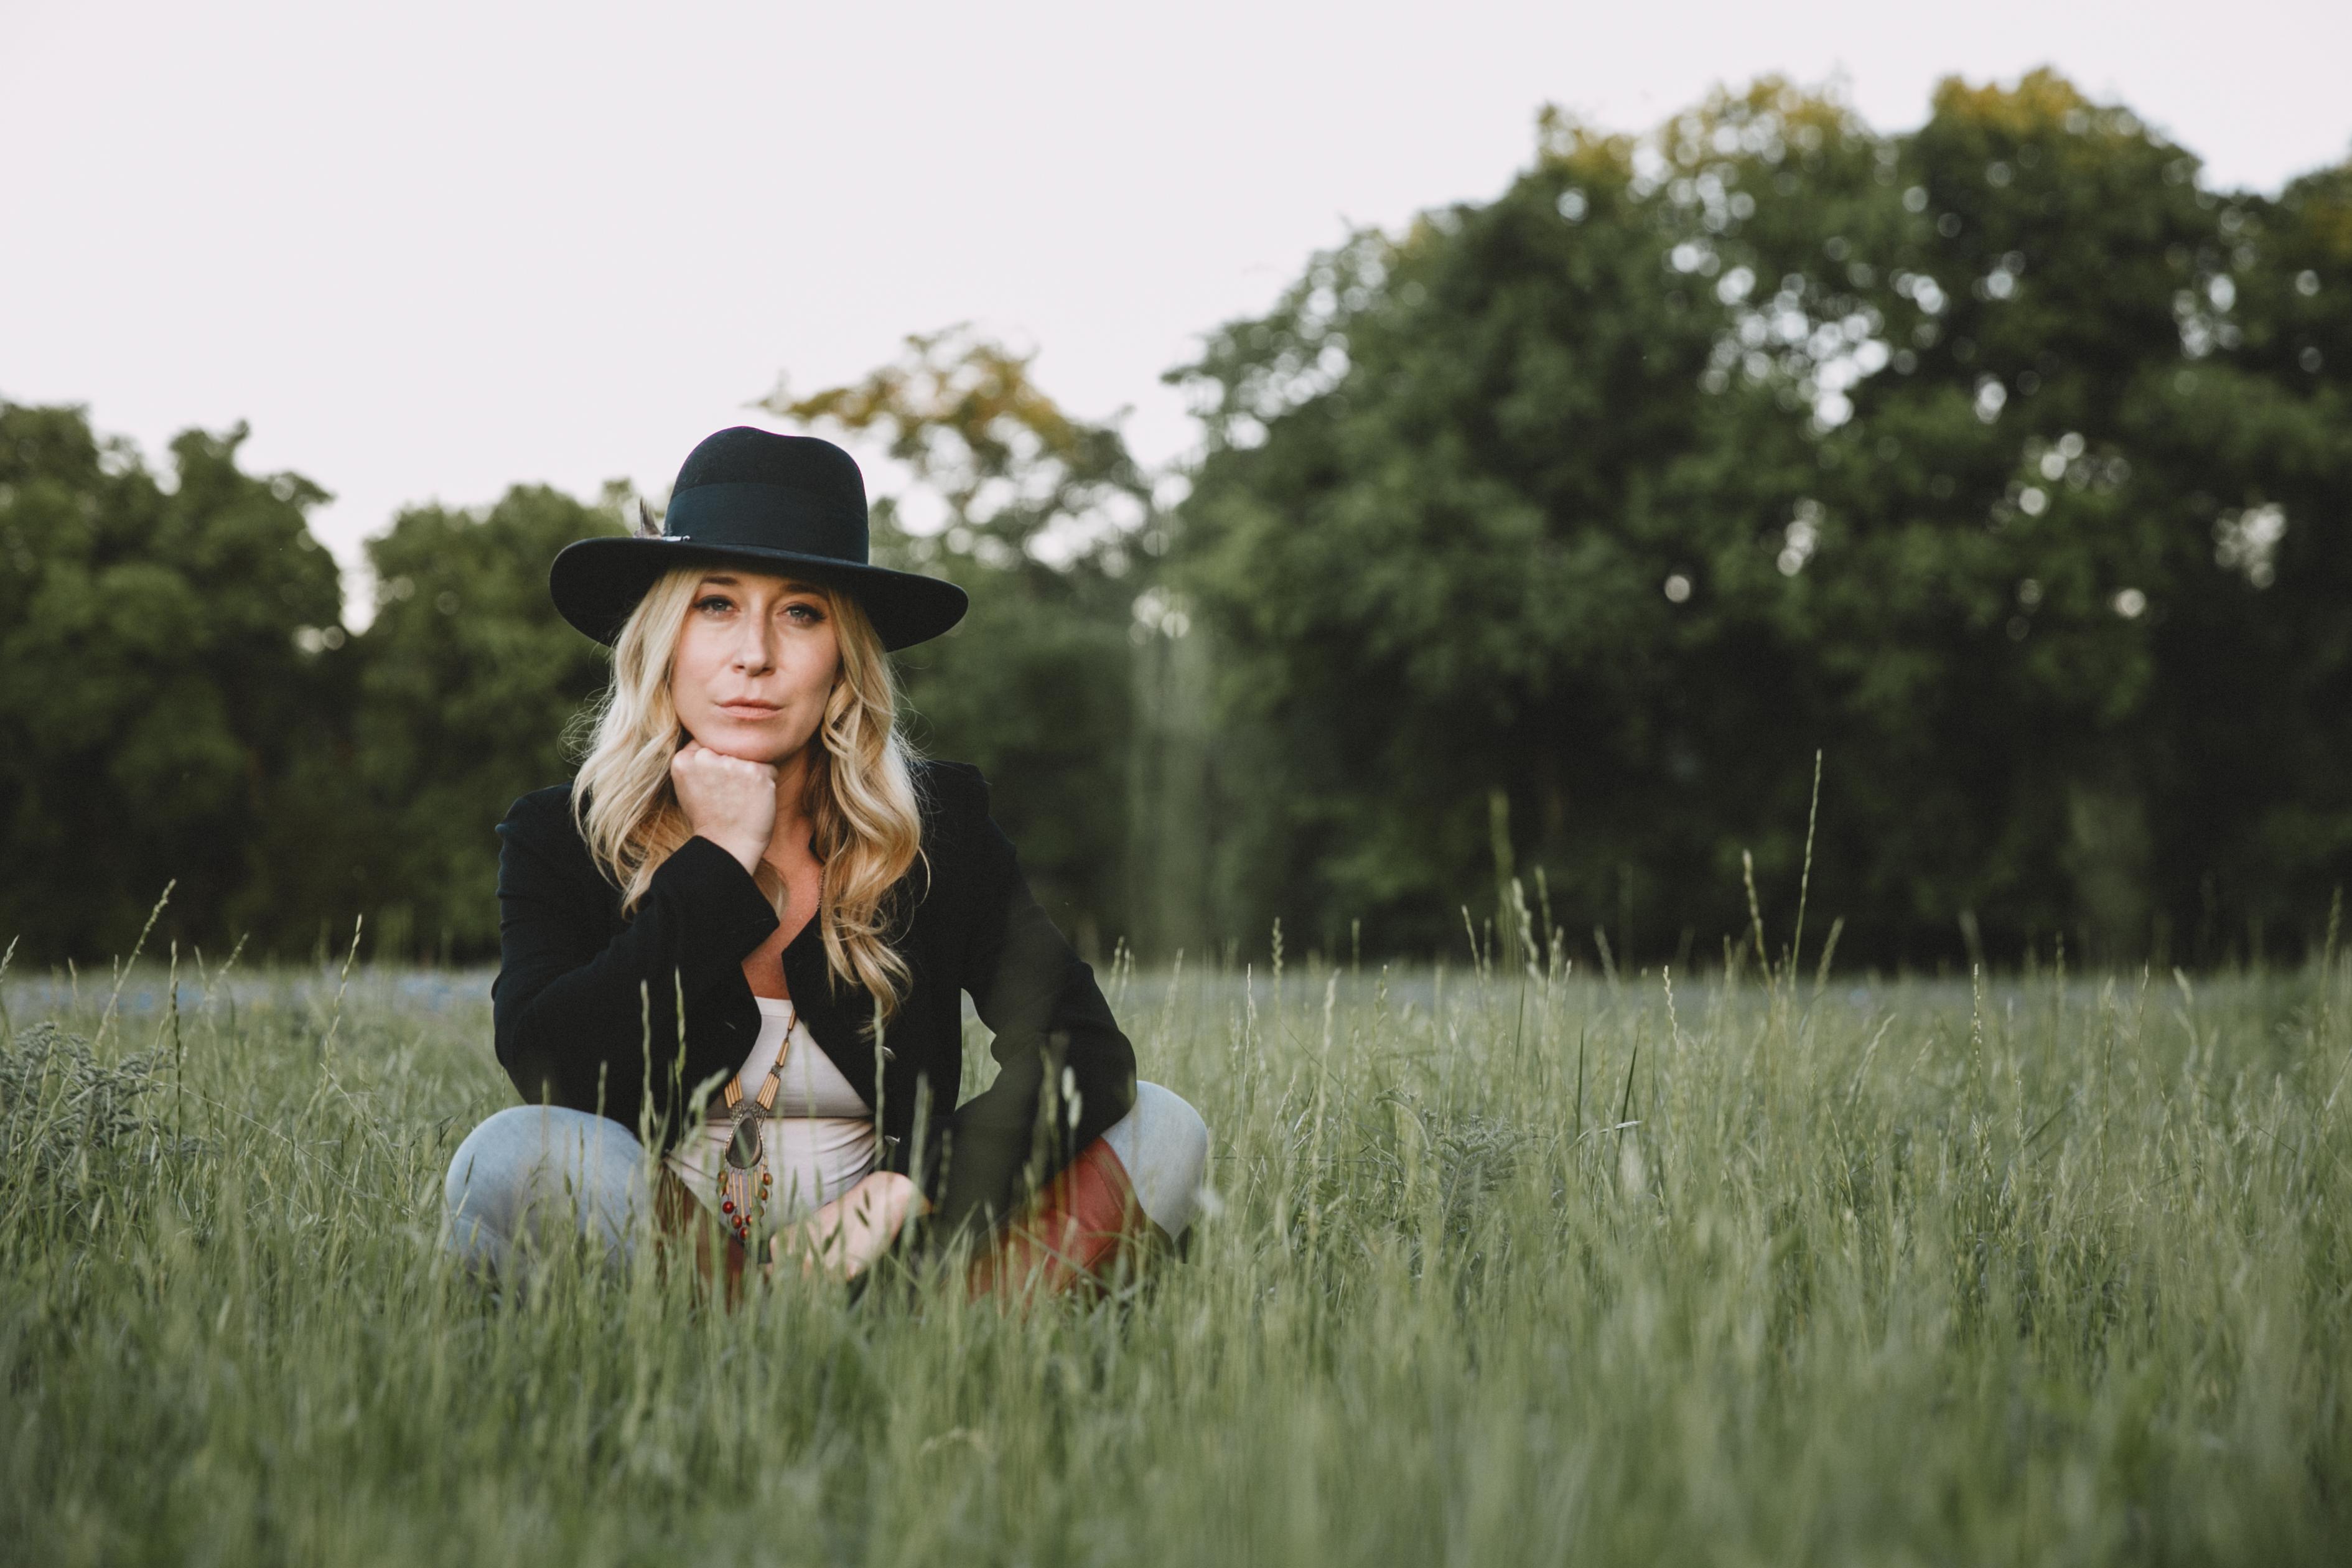 Erika Wennerstrom, photo by Briana Purser